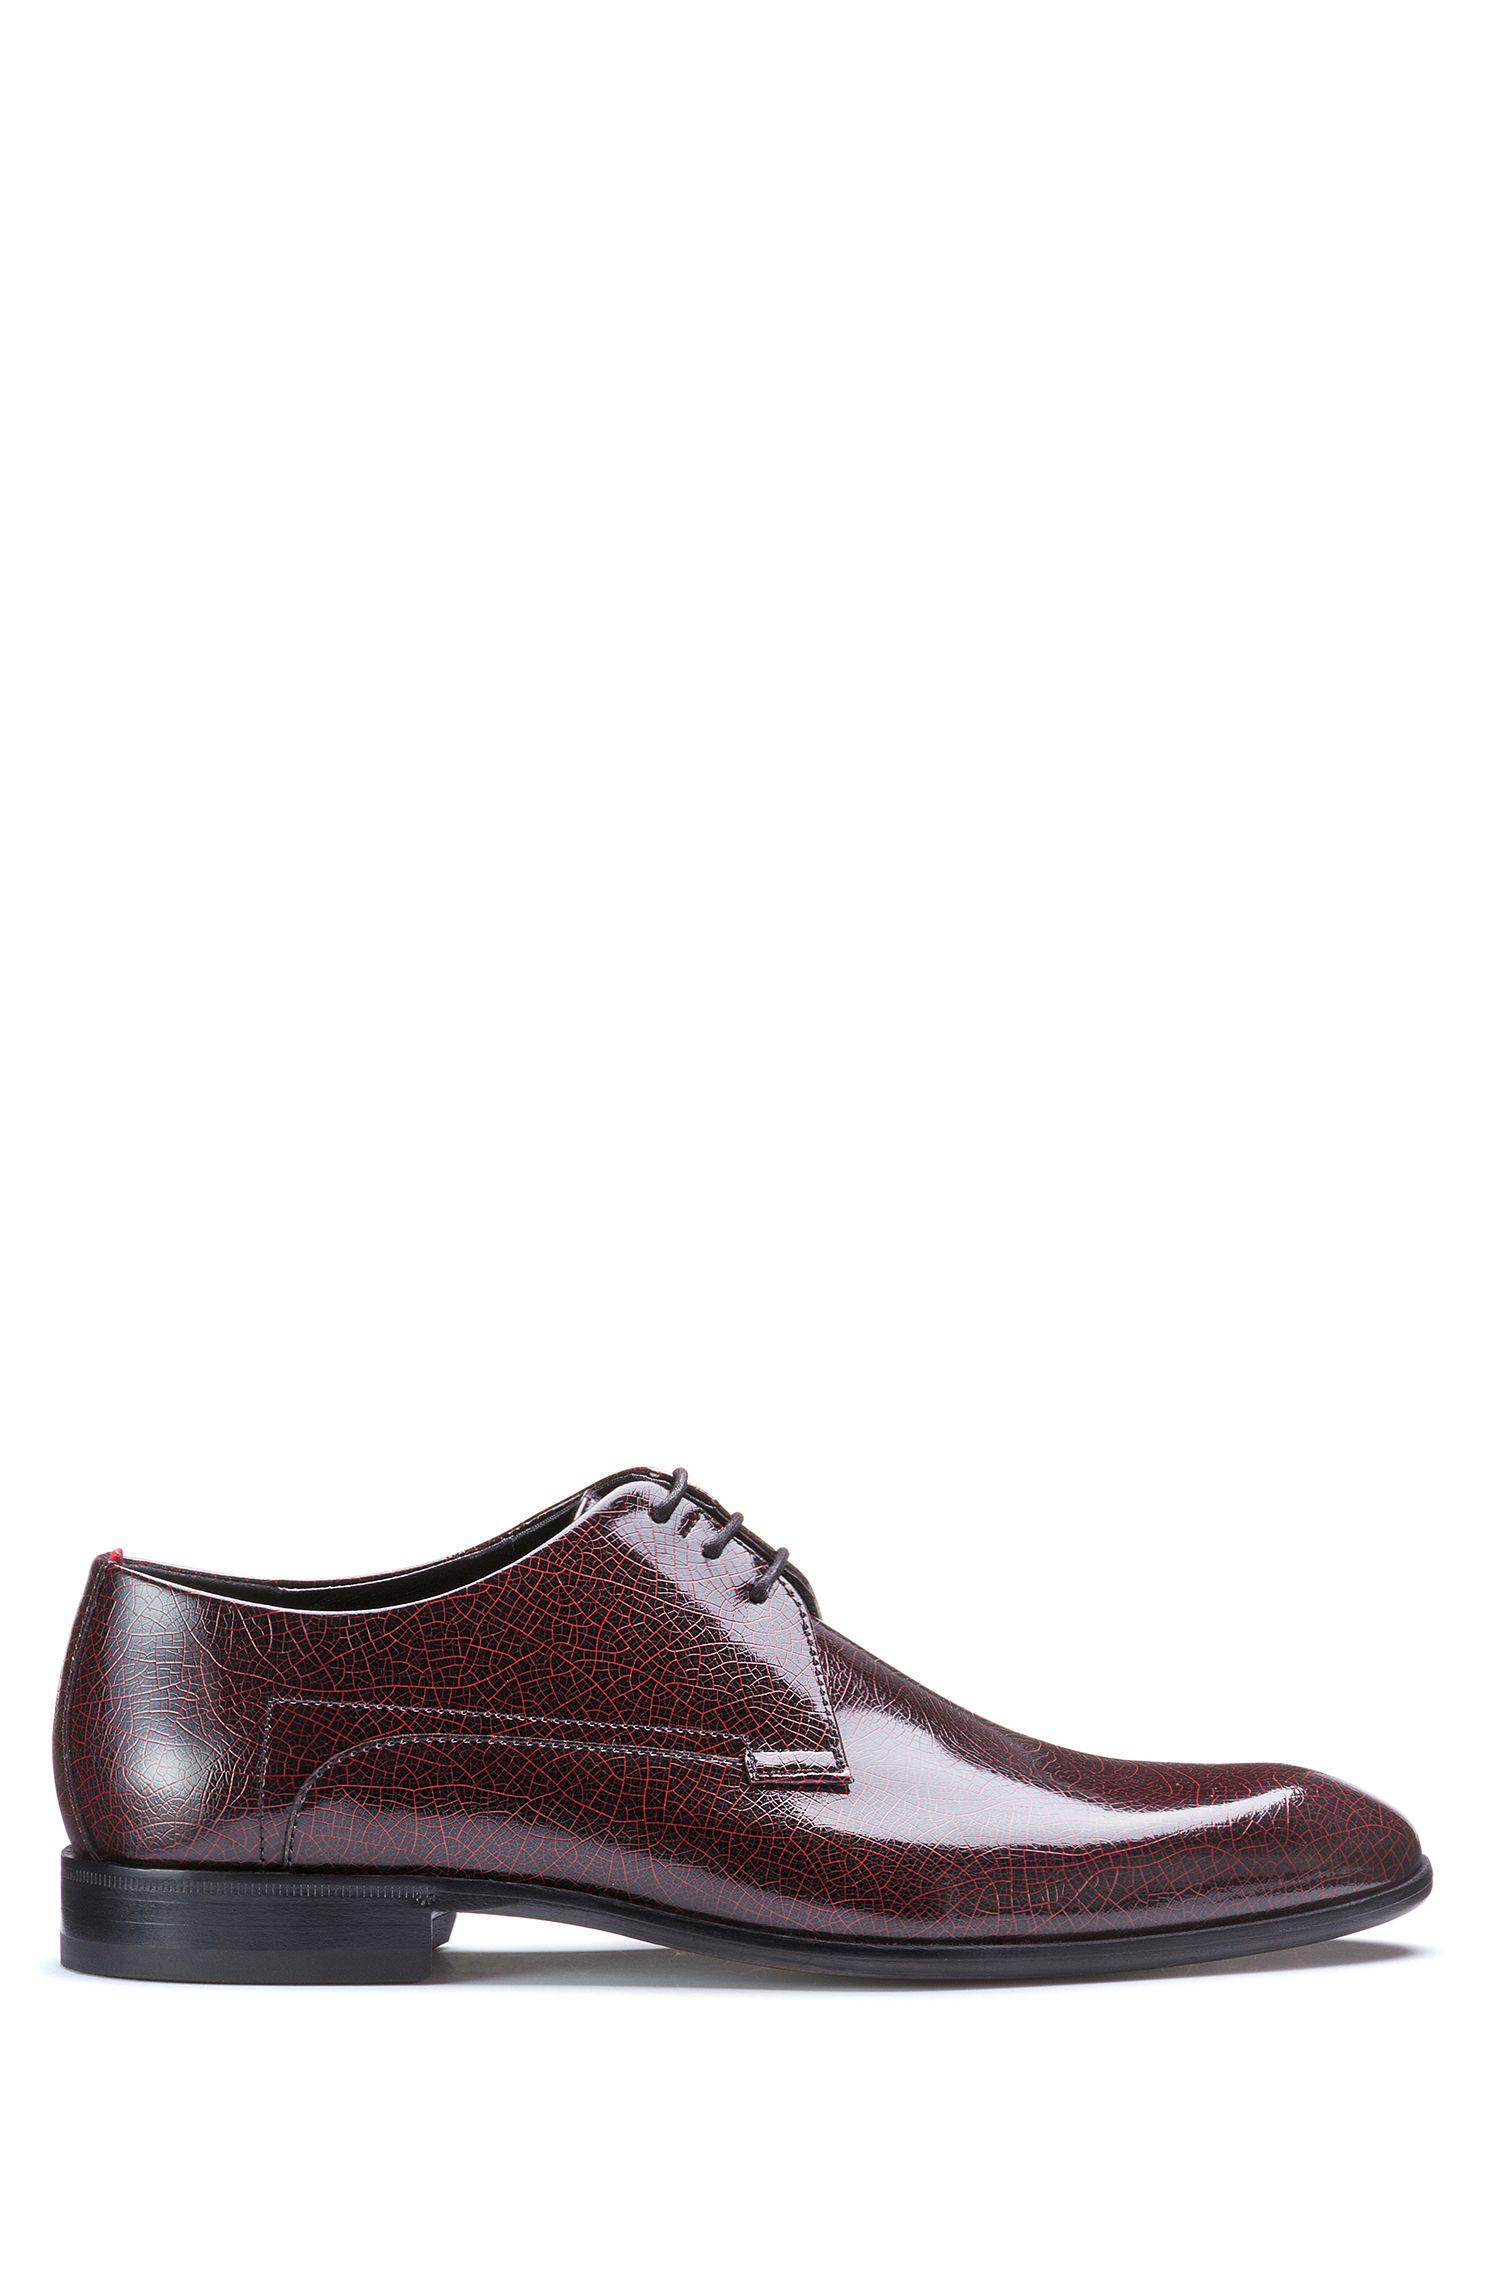 Chaussures derby en cuir de veau verni